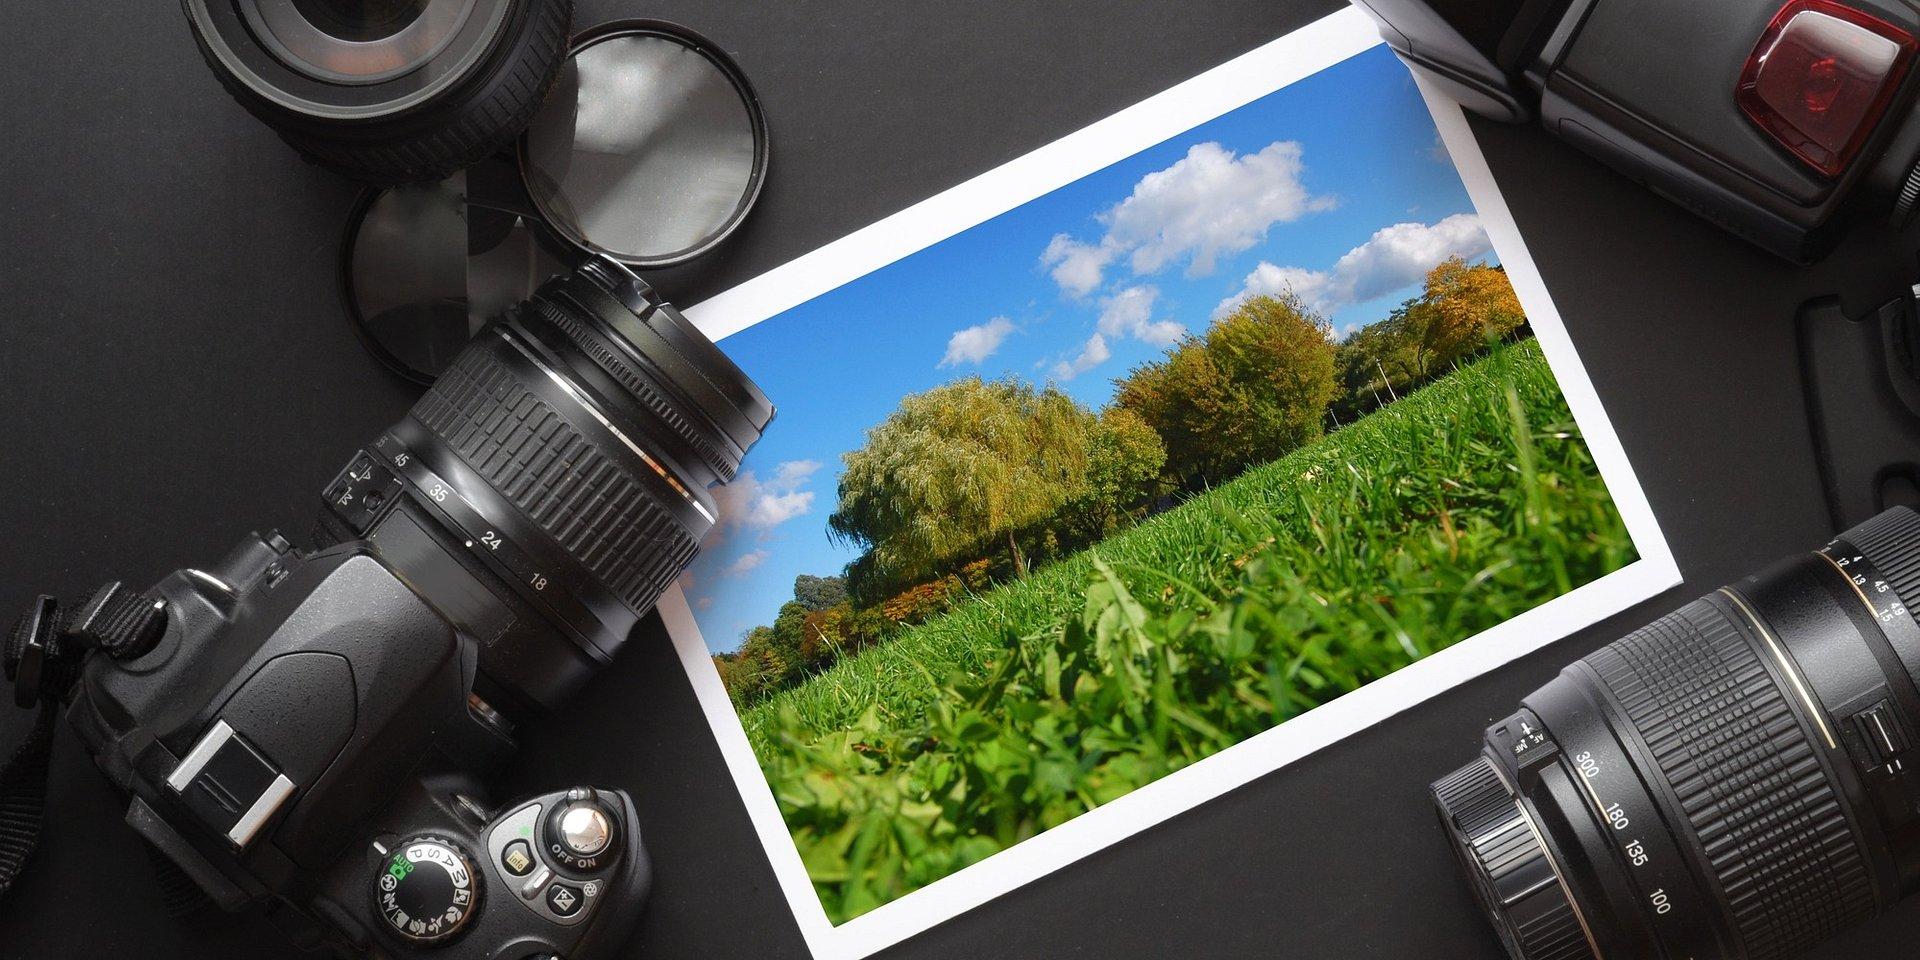 Archiwizacja fotografii – przechowywanie zdjęć tak, by nie zginęły